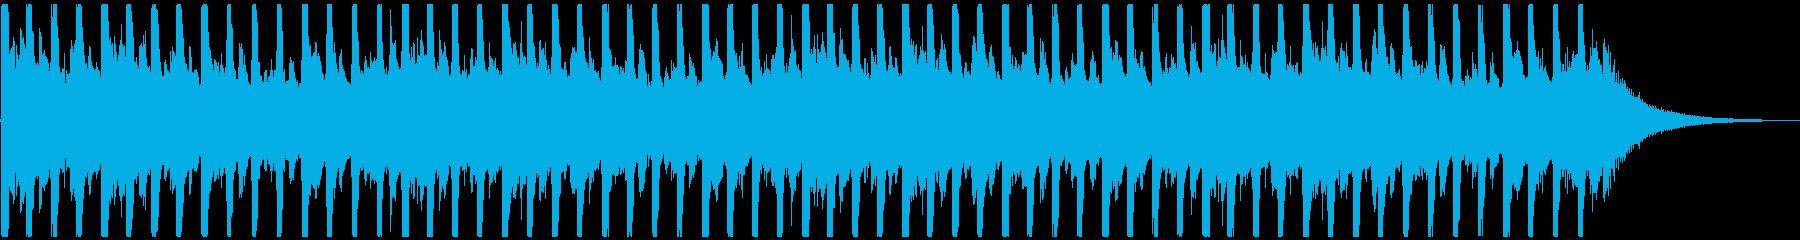 企業VPに!爽やか、穏やかピアノハウスSの再生済みの波形